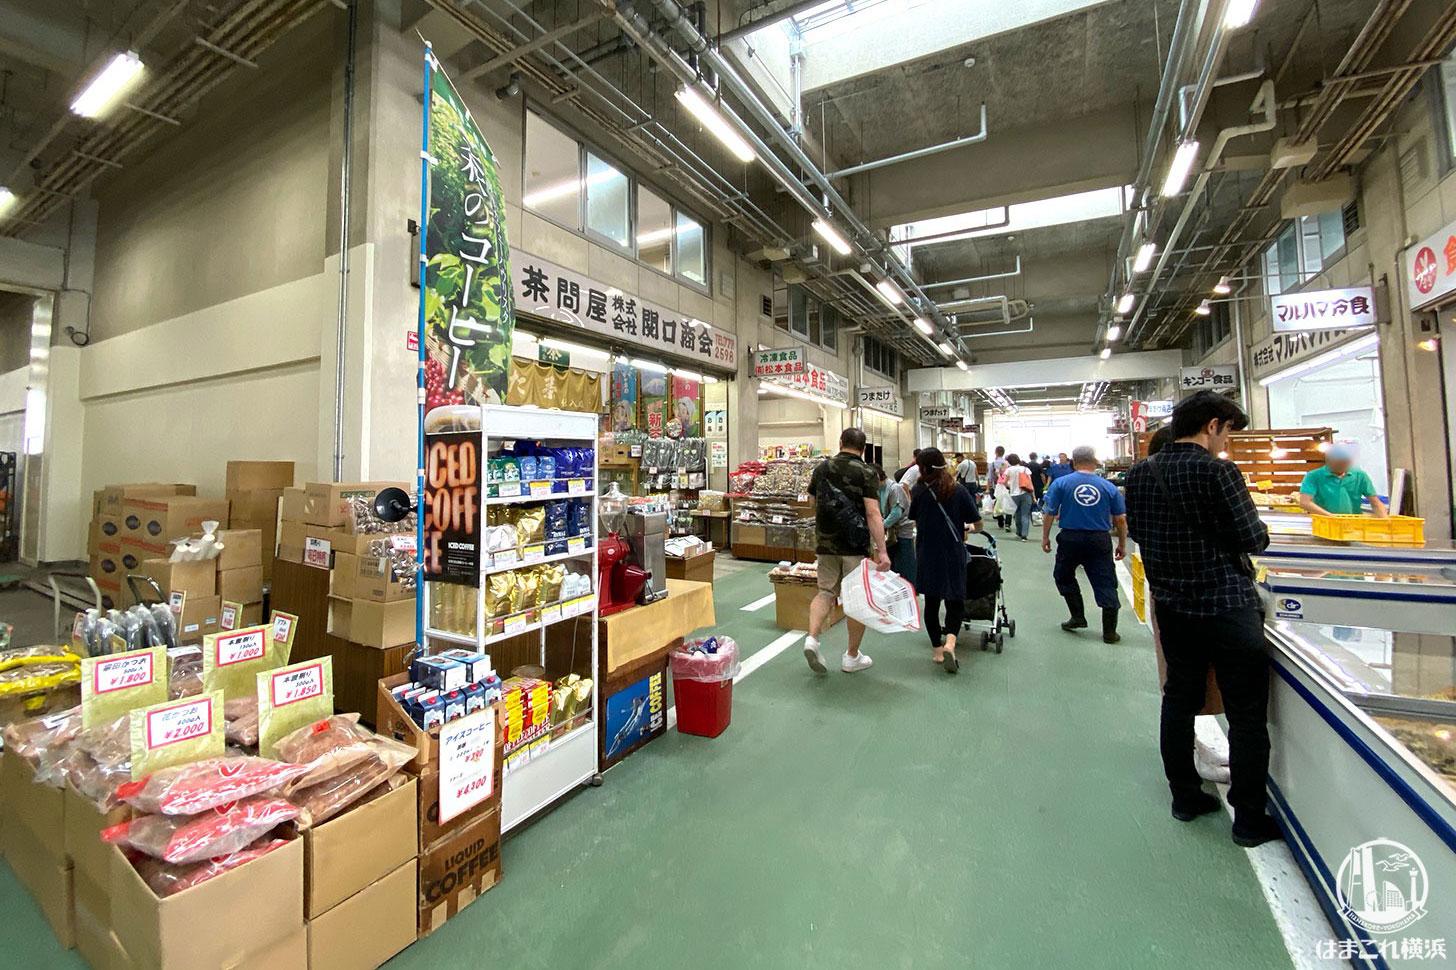 アド街ック天国「横浜南部市場」2021年2月20日に放送!